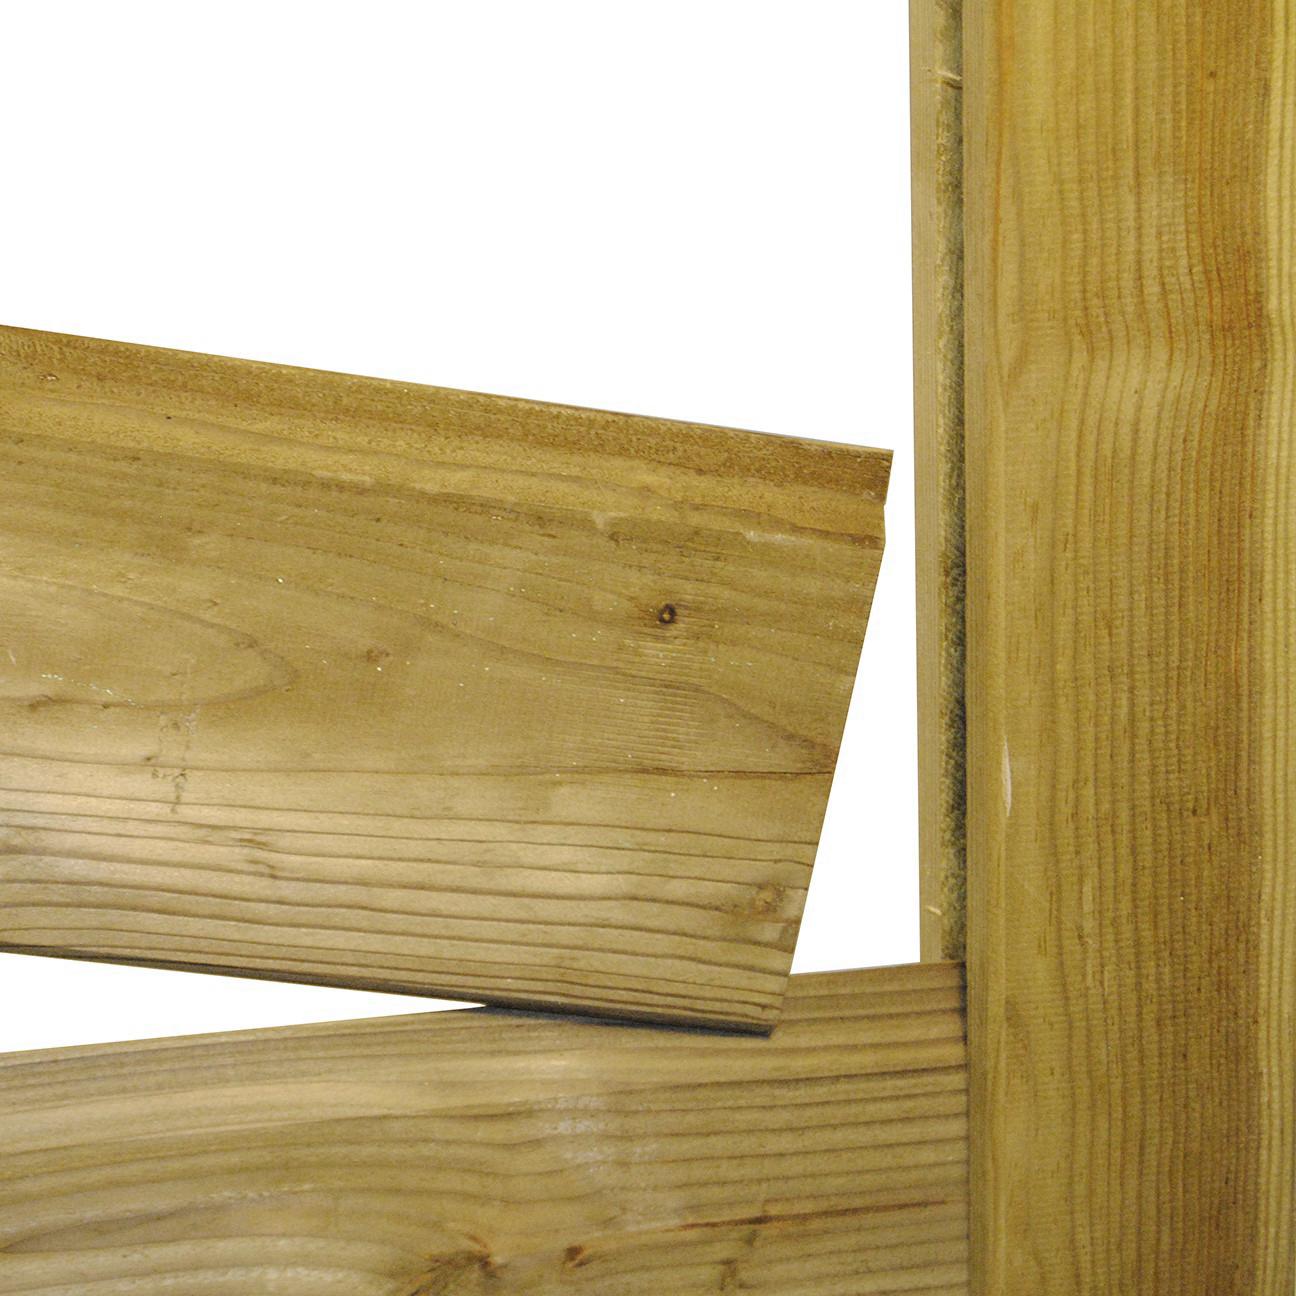 poteau d 39 angle 9x9 pour cl ture bois idea bois nicolas. Black Bedroom Furniture Sets. Home Design Ideas